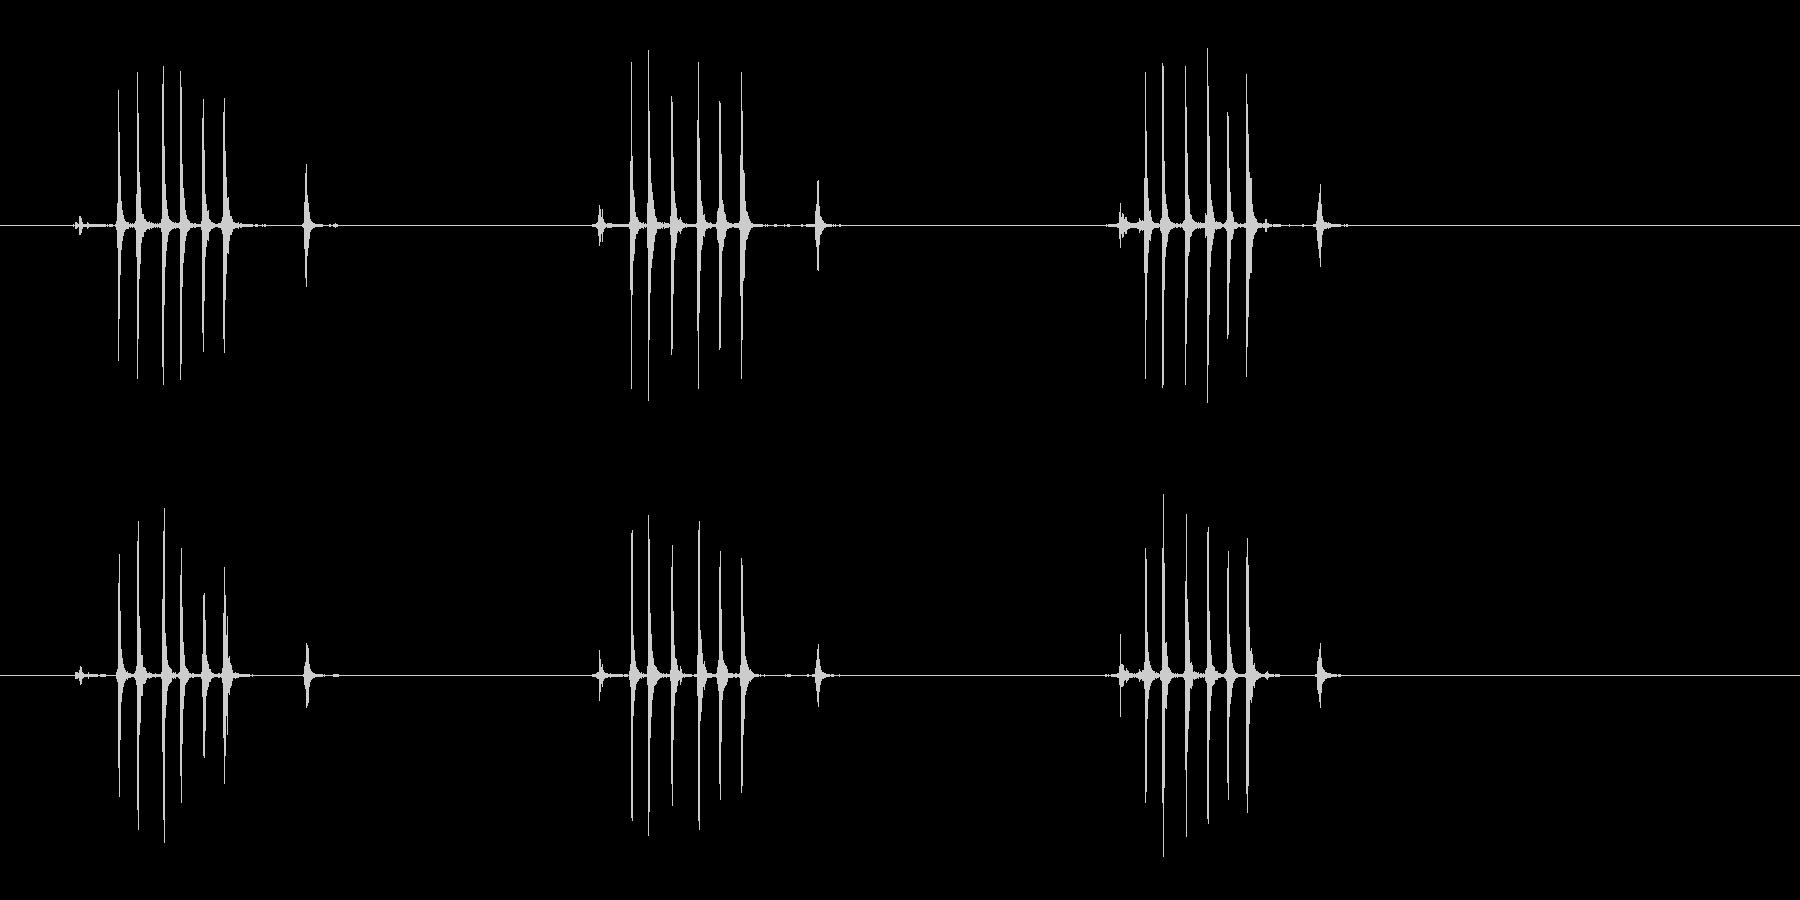 【生録音】ぜんまいを巻く(3回-早め)の未再生の波形